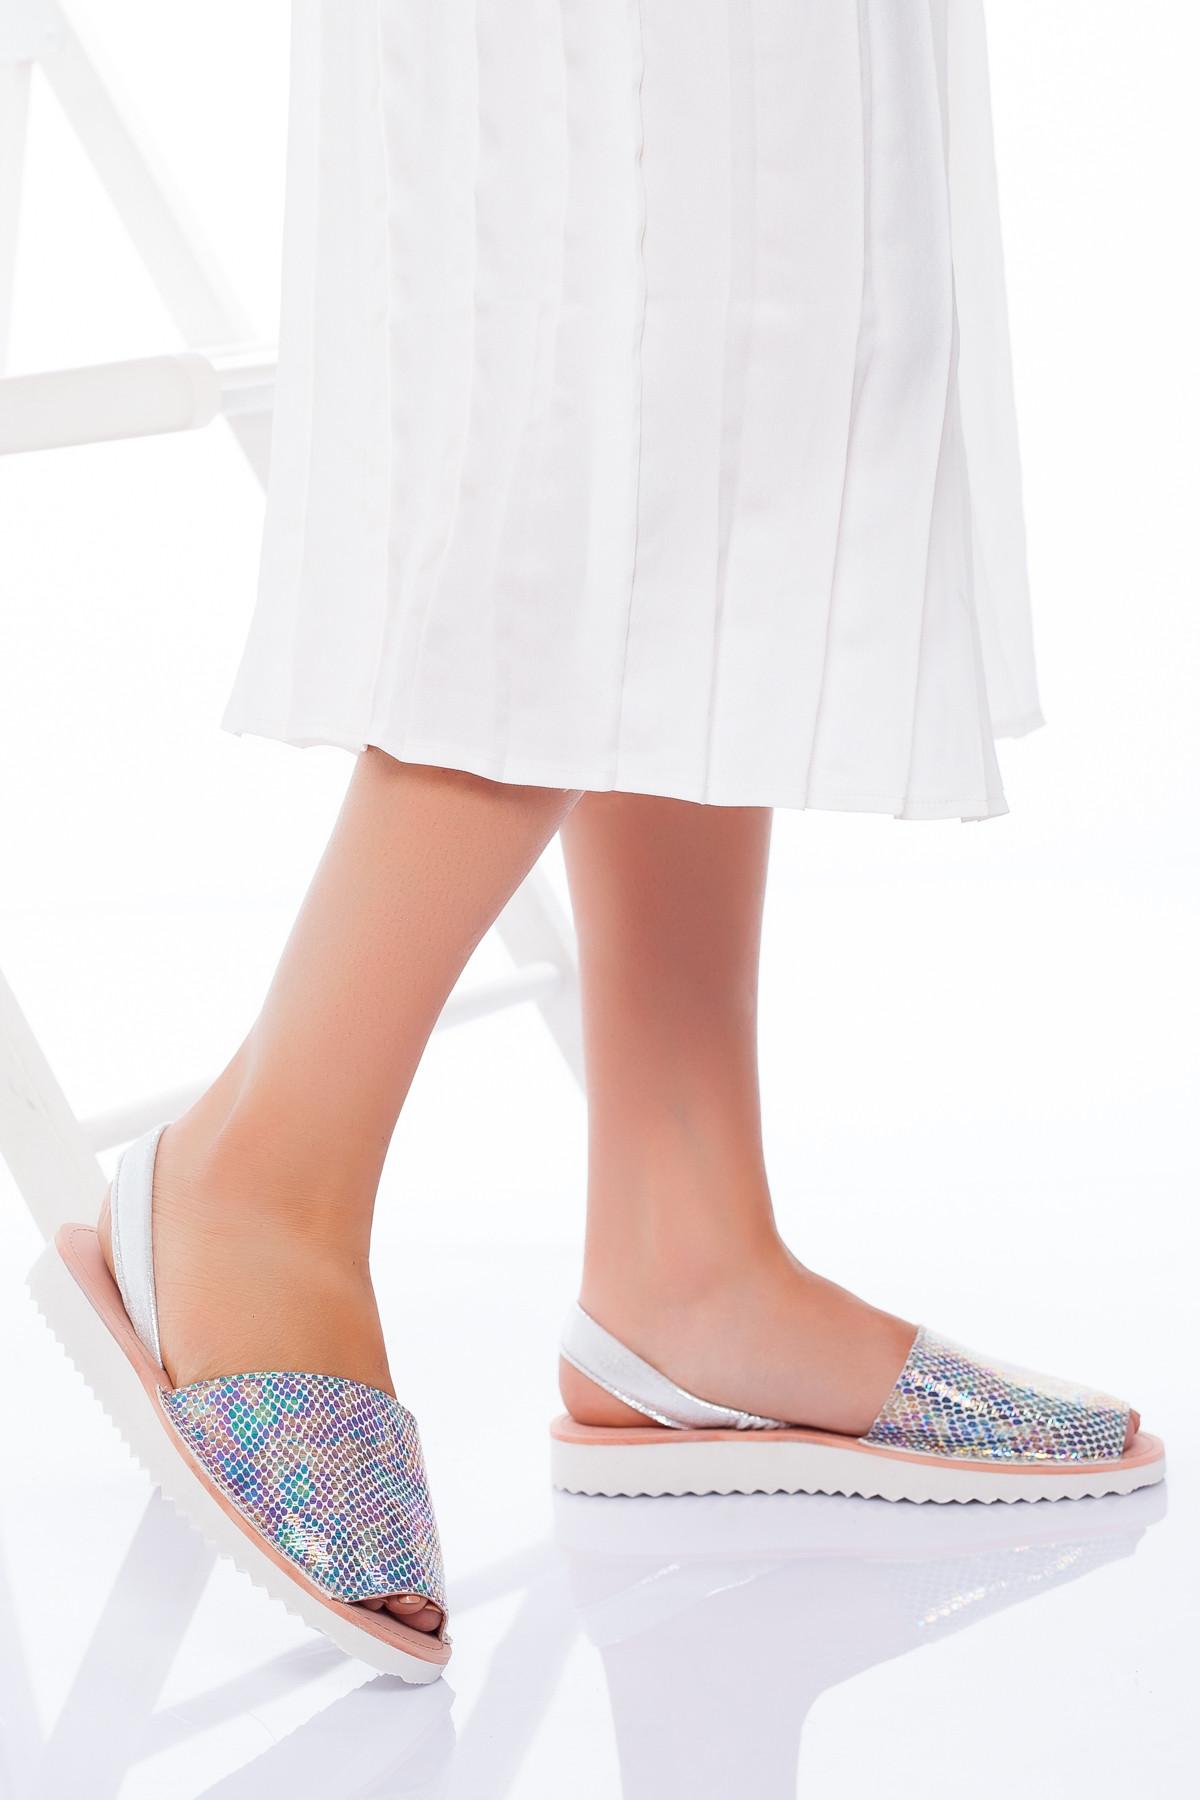 Hologramlı Yılan Desenli Niki Niki Sandalet